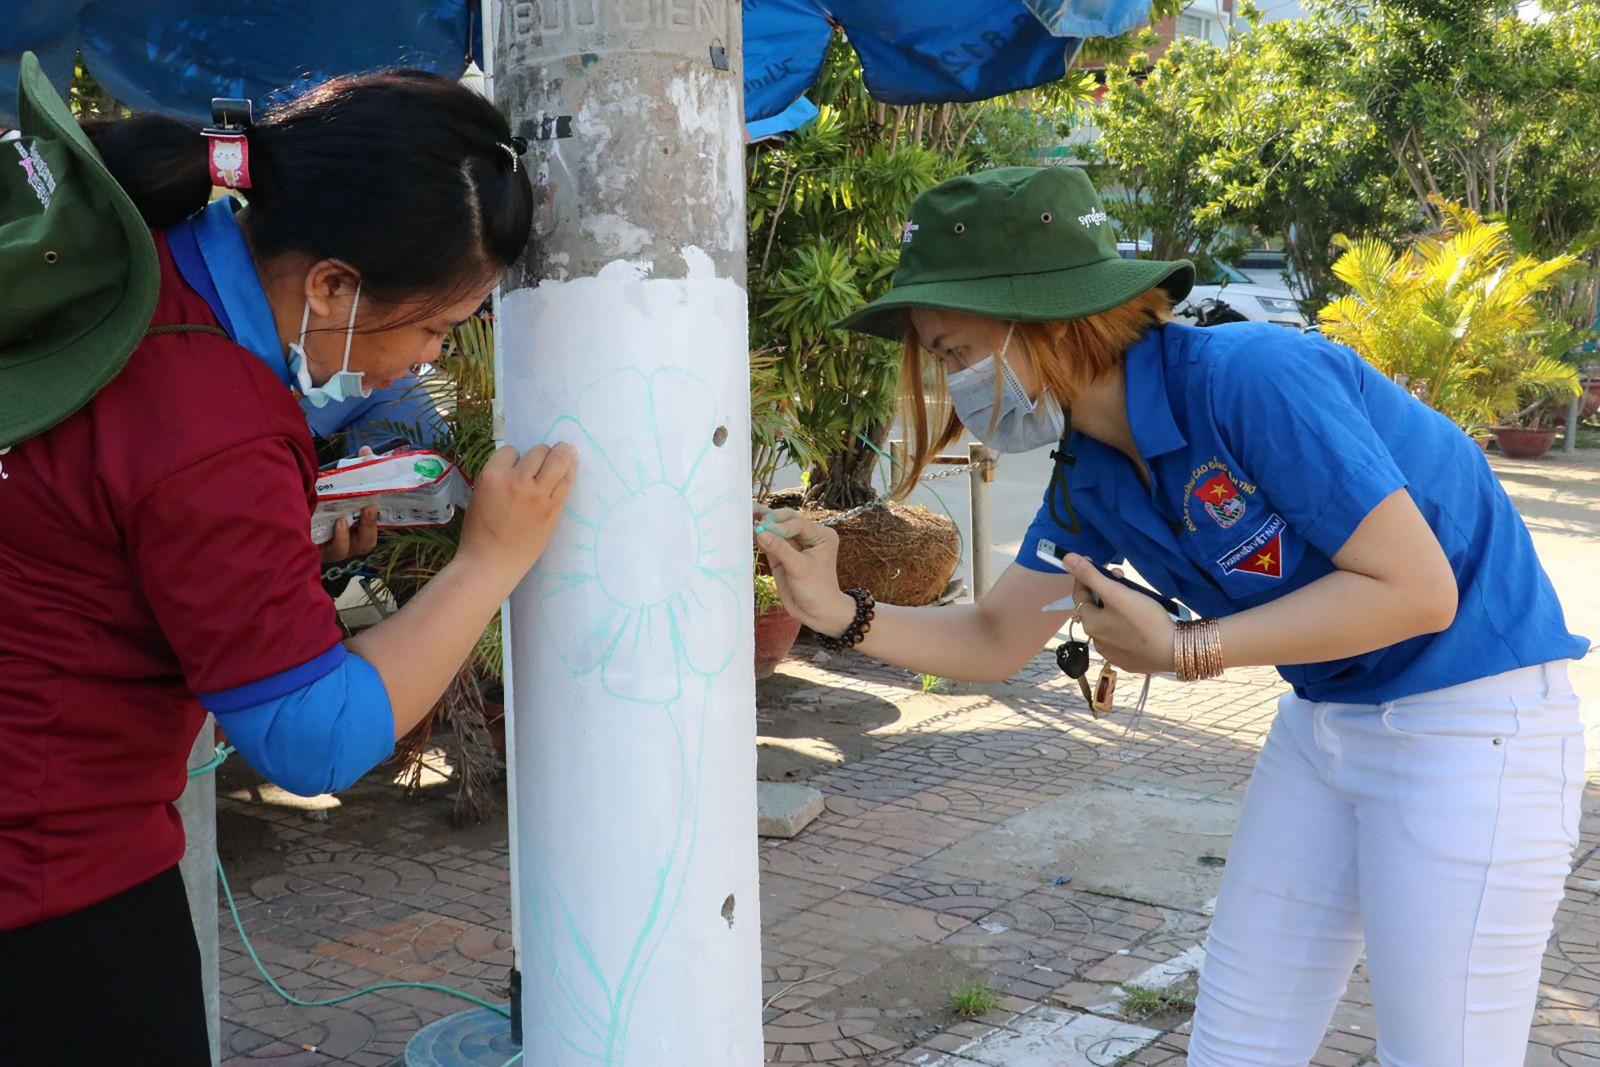 Đoàn viên phường Bùi Hữu Nghĩa, quận Bình Thủy sơn, vẽ tranh trên các cột điện, góp phần tạo vẻ mỹ quan đô thị. Ảnh: QUỐC THÁI